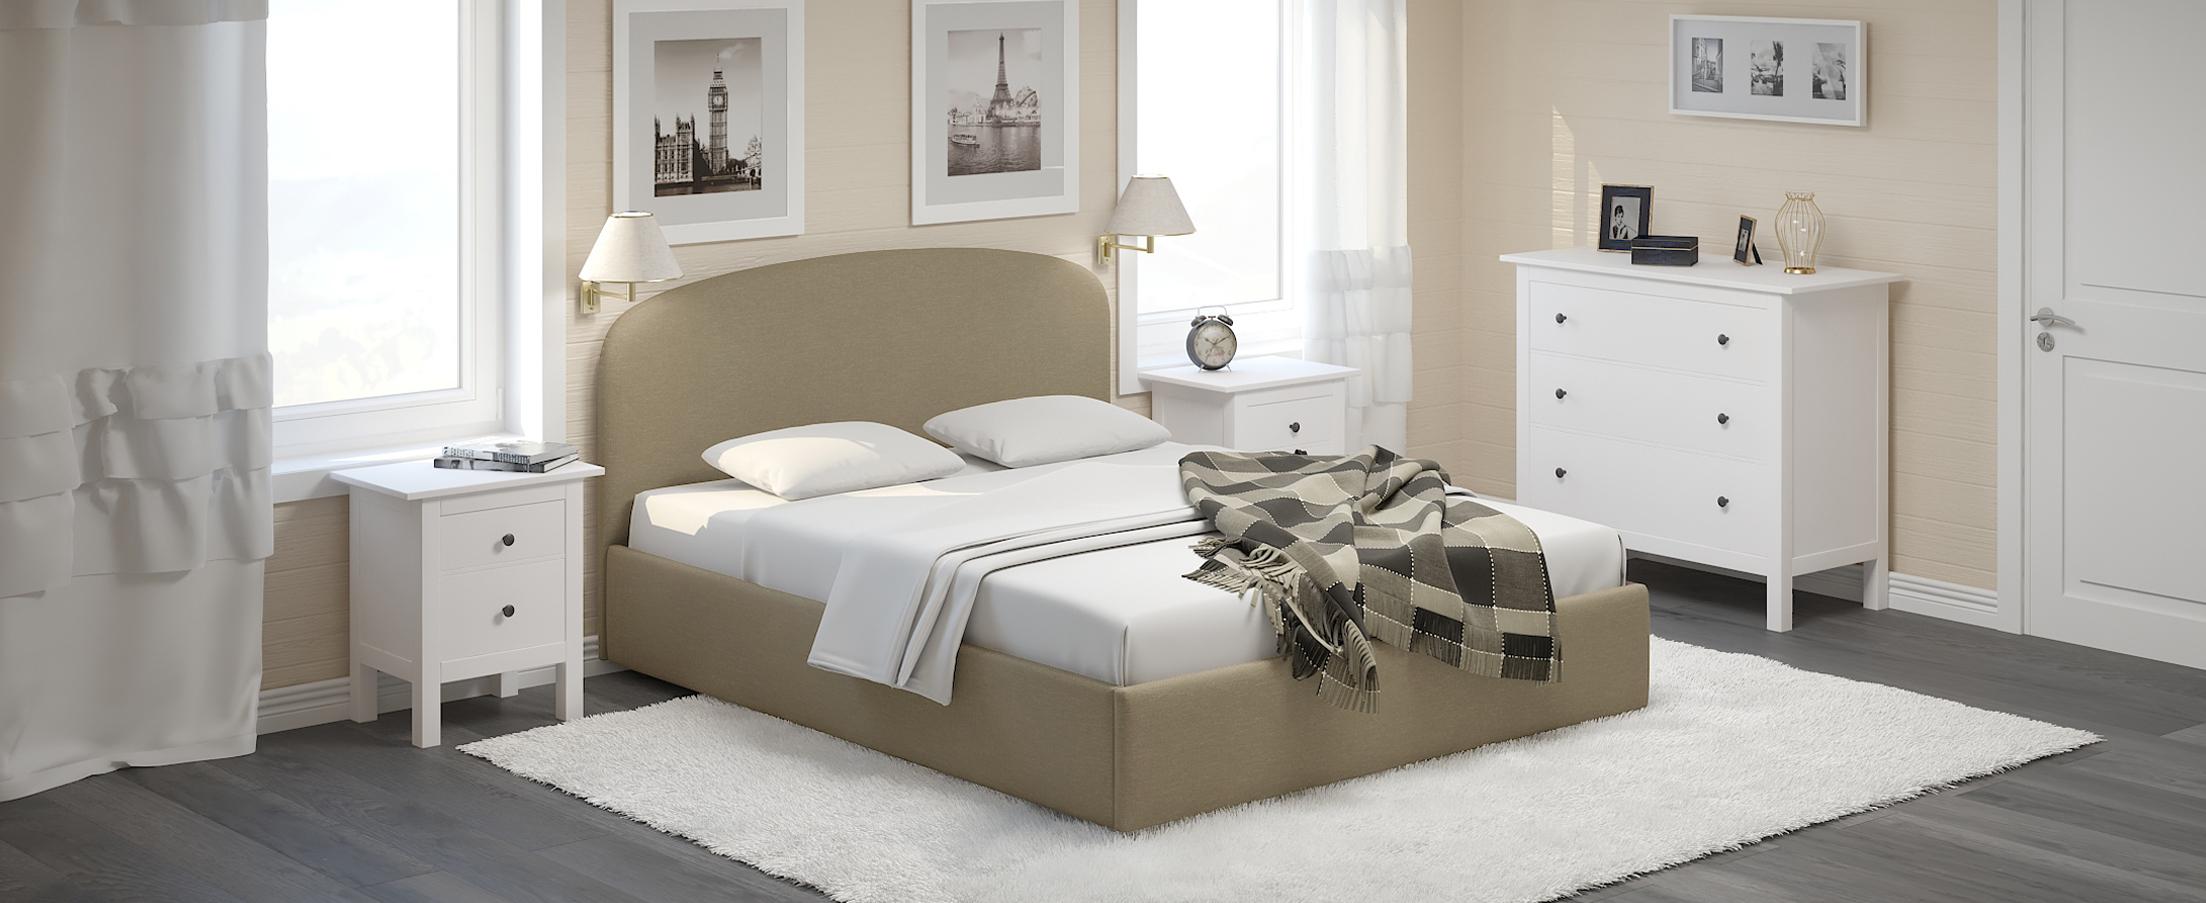 Кровать двуспальная Лия 140х200 Модель 1205Кровать Лия – воплощение мягкости, простора и удобства. Воздушность формы, изящно изогнутая спинка и оригинальный кант на изголовье подчеркнут стиль вашей комнаты.<br><br>Ширина спального места см: 140<br>Глубина спального места см: 200<br>Ширина см: 148<br>Глубина см: 210<br>Высота см: 105<br>Встроенное основание: Есть<br>Материал каркаса: ЛДСП<br>Материал обивки: Шенилл<br>Подъемный механизм: Нет<br>Цвет: Бежевый<br>Код ткани: 65-53